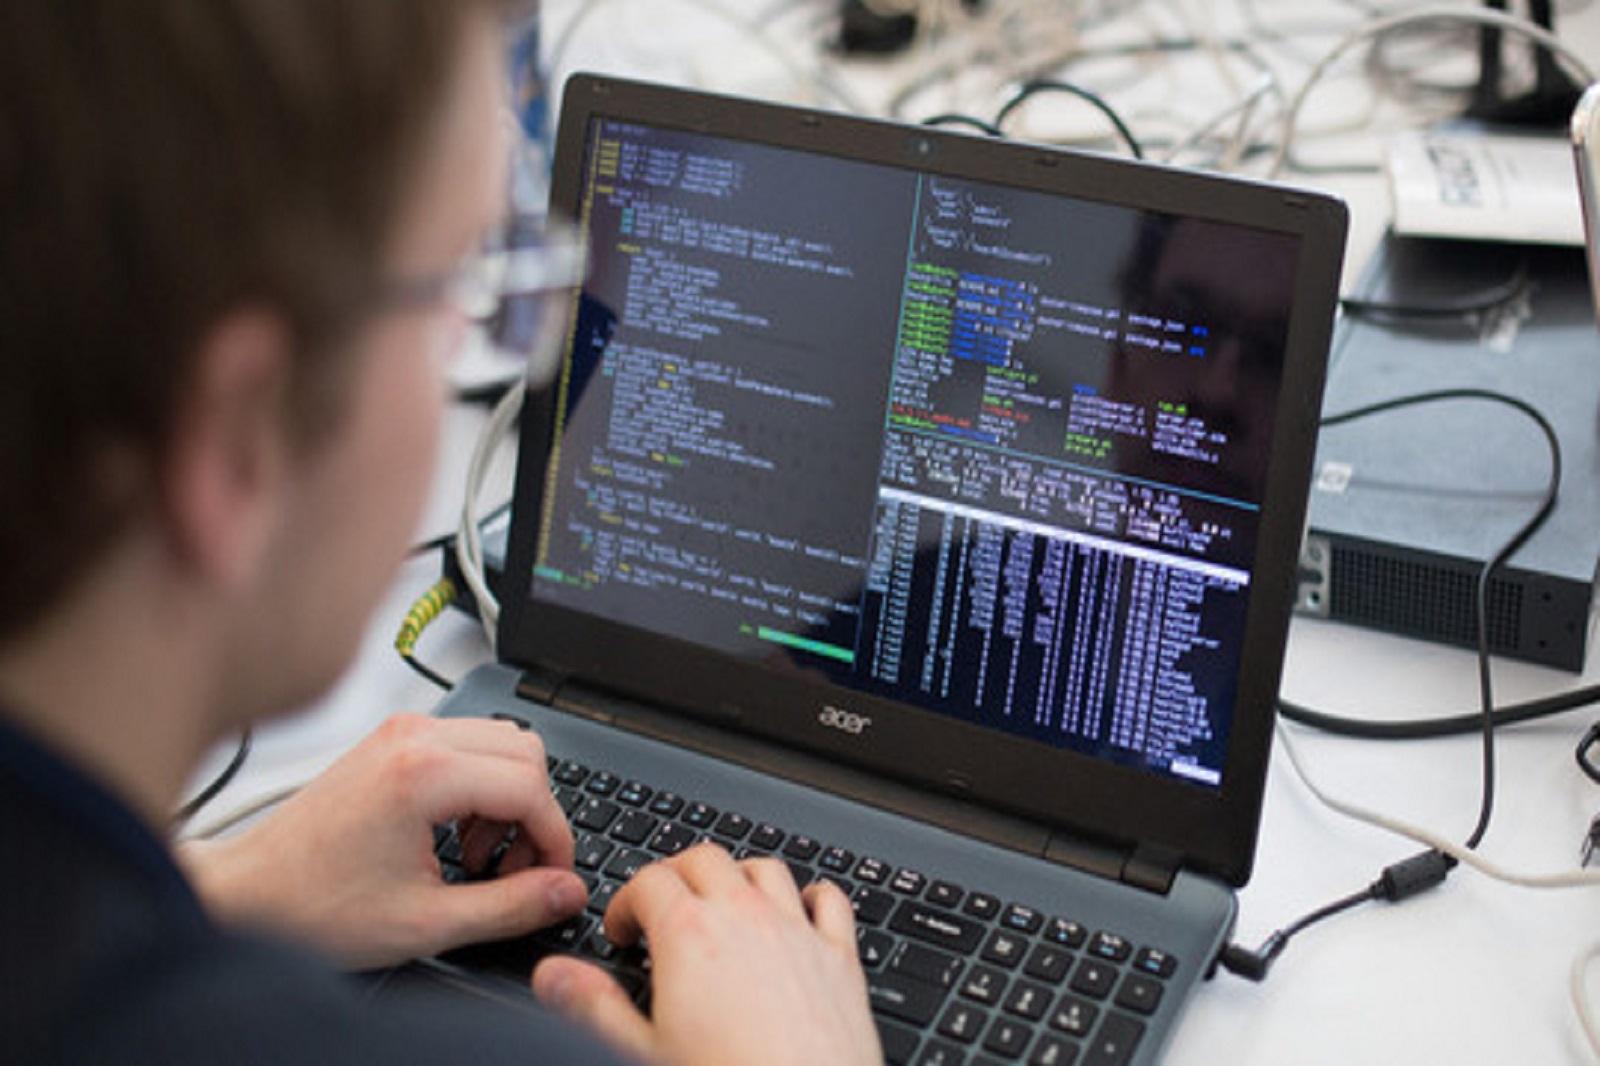 机械工程数字技术工程中心在世界人工智能大会上展示数字孪生技术插图-小狮座俄罗斯留学